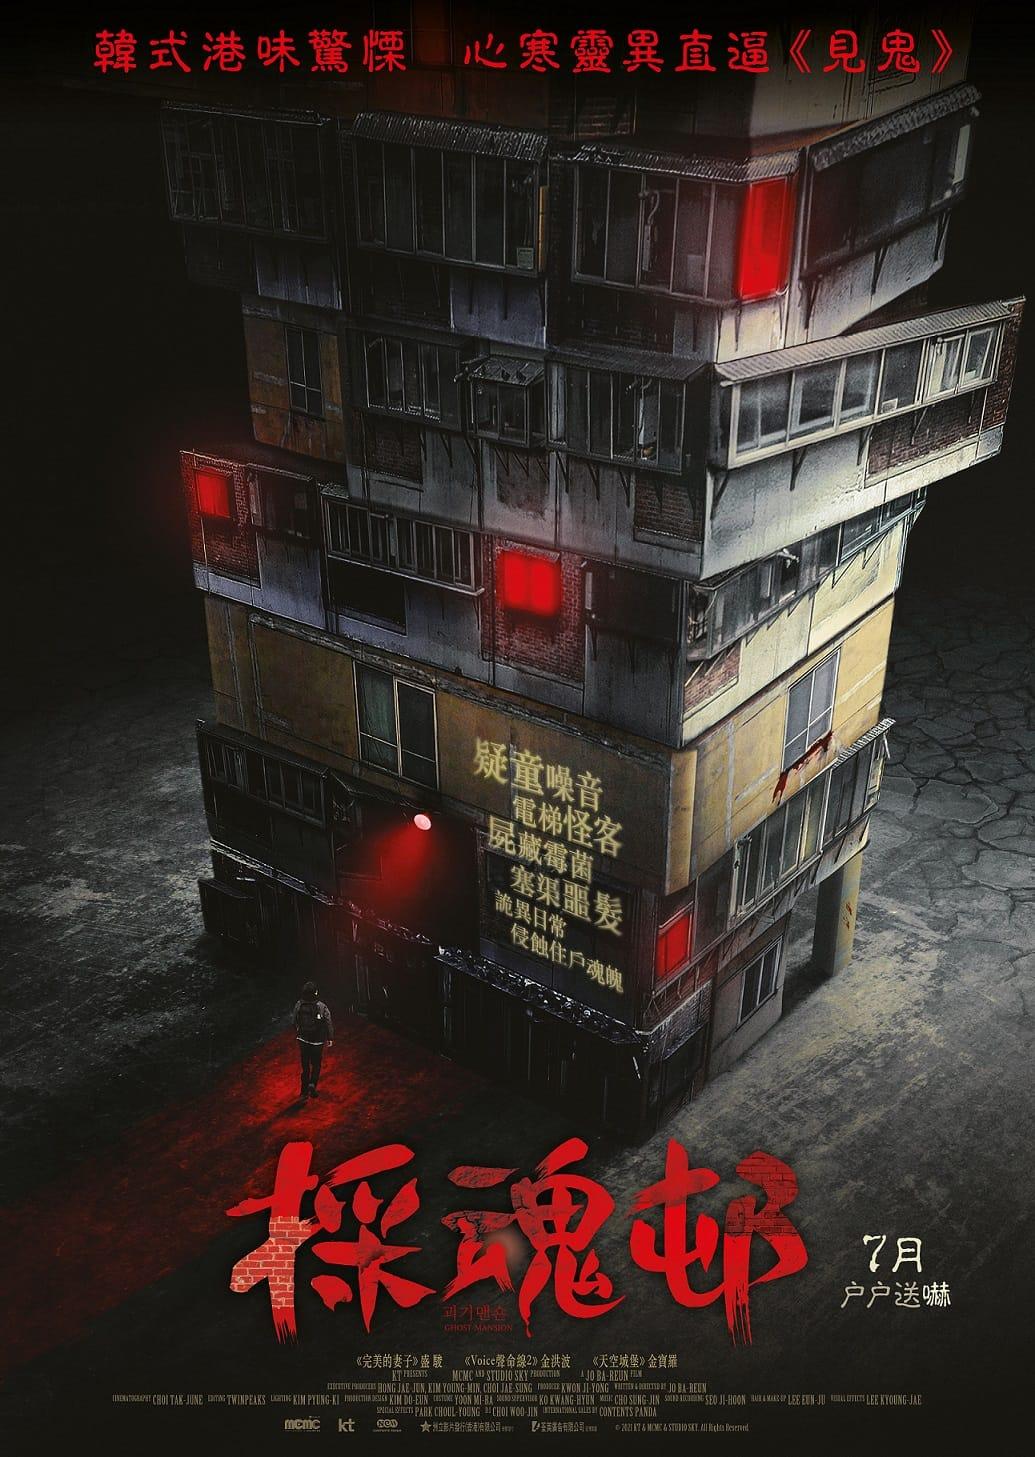 怪奇公寓(1080P)怪奇宅、採魂邨